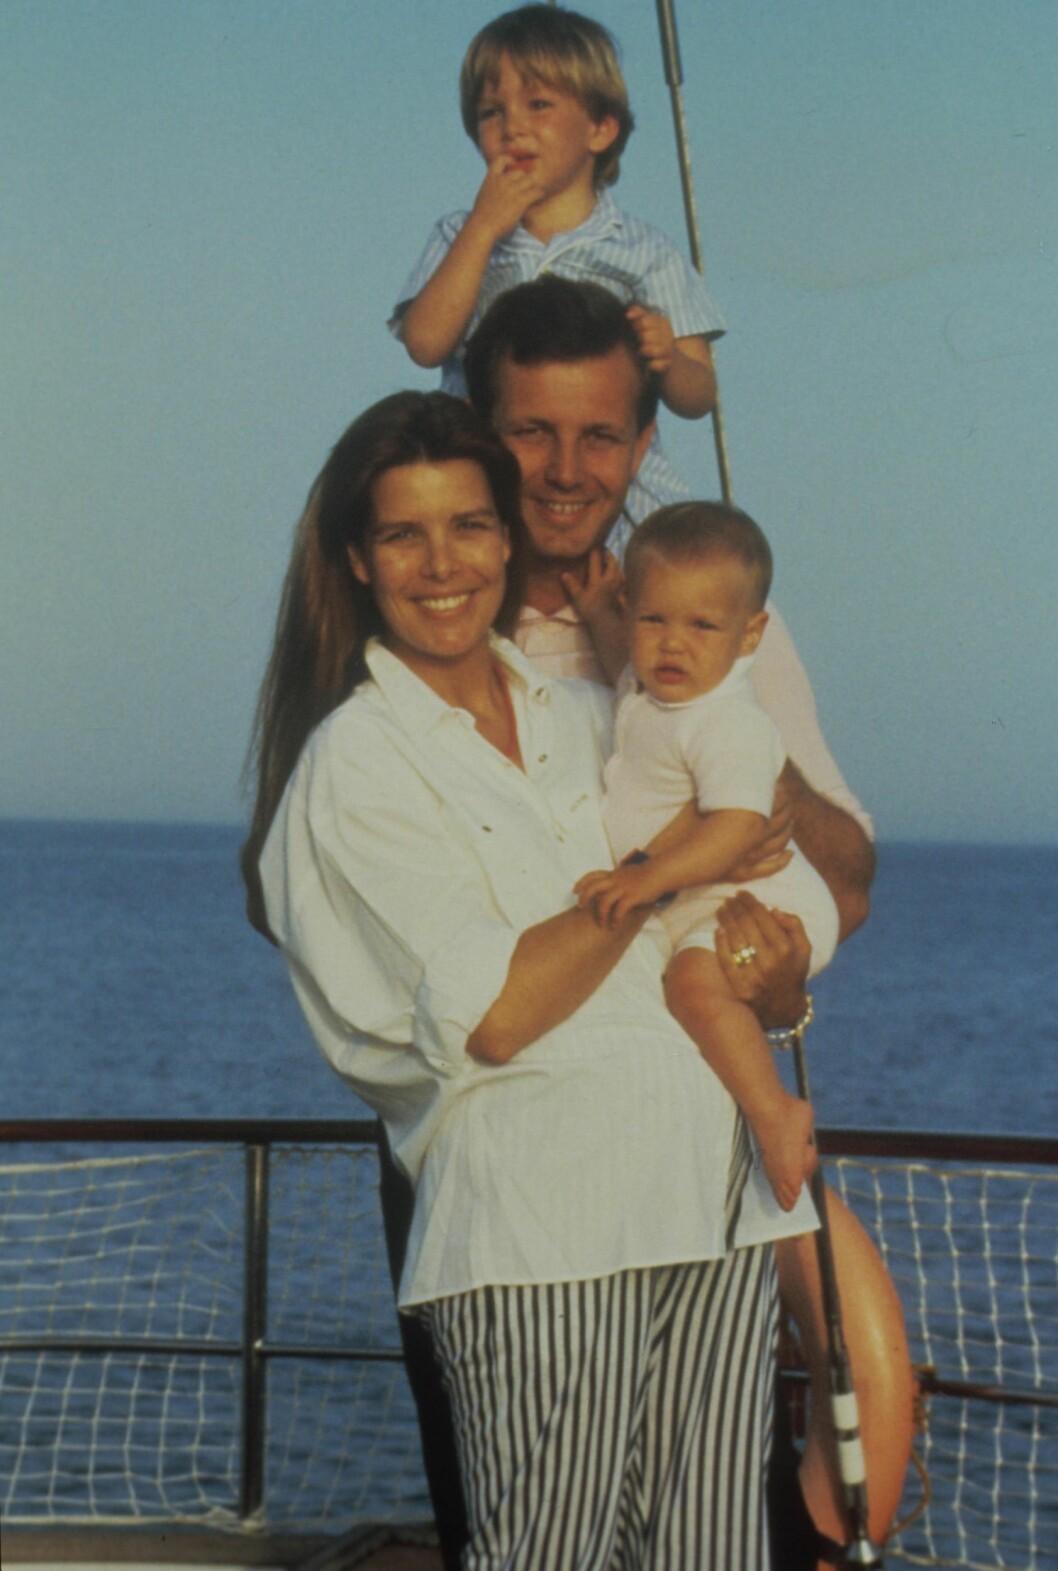 <strong>CAROLINES STORE KJÆRLIHET:</strong> Sammen med Stefano Casiraghi fikk prinsesse Caroline barna Andrea, Pierre og Charlotte. Han omkom i en båtulykke i 1990 - bare 30 år gammel. Prinsesse Caroline skal aldri ha kommet over tapet av ektemannen. Foto: NTB Scanpix